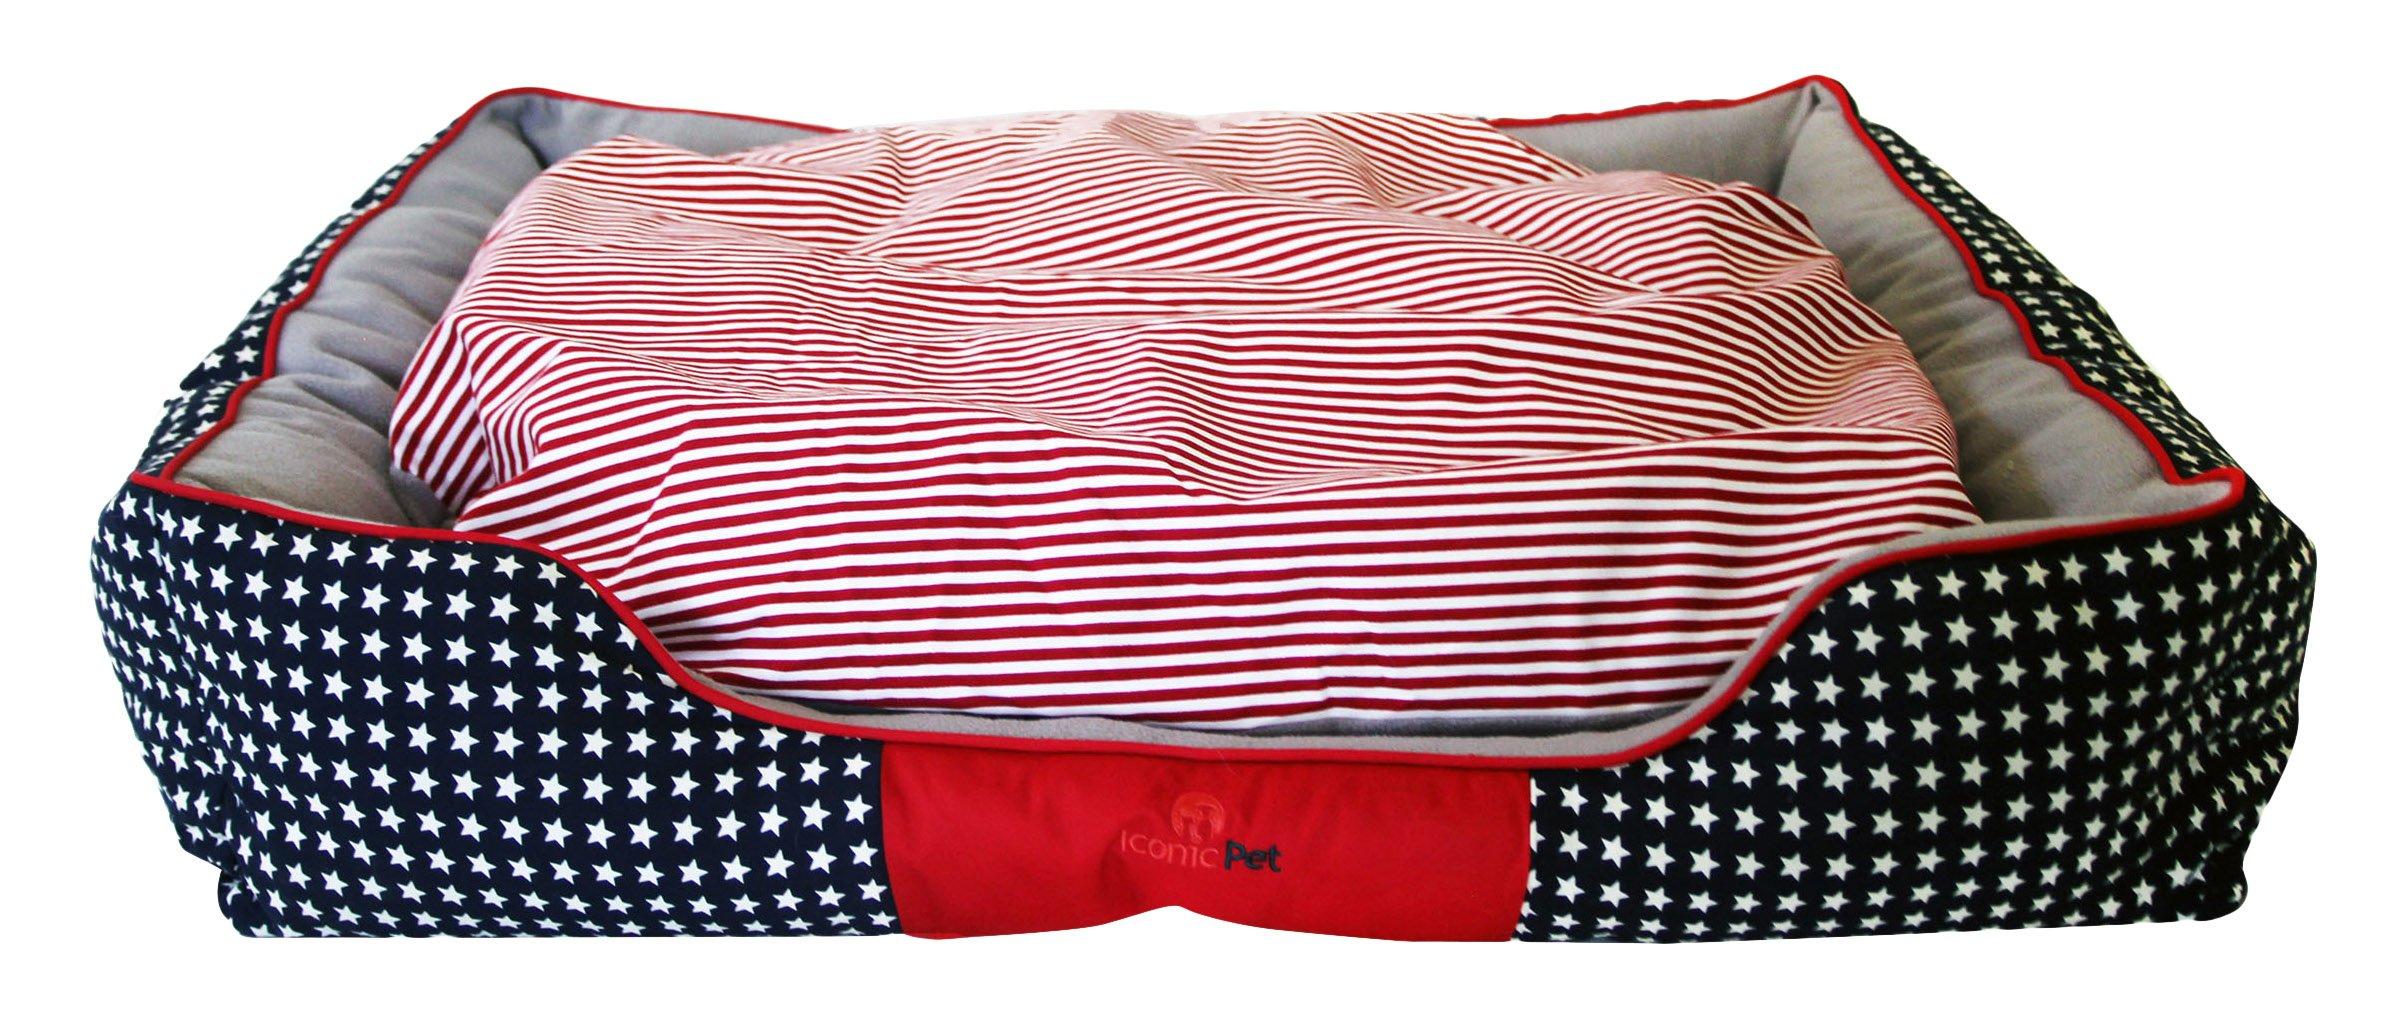 Iconic Pet Freedom Luxury Lounge Beds, Medium, Red/White/Blue